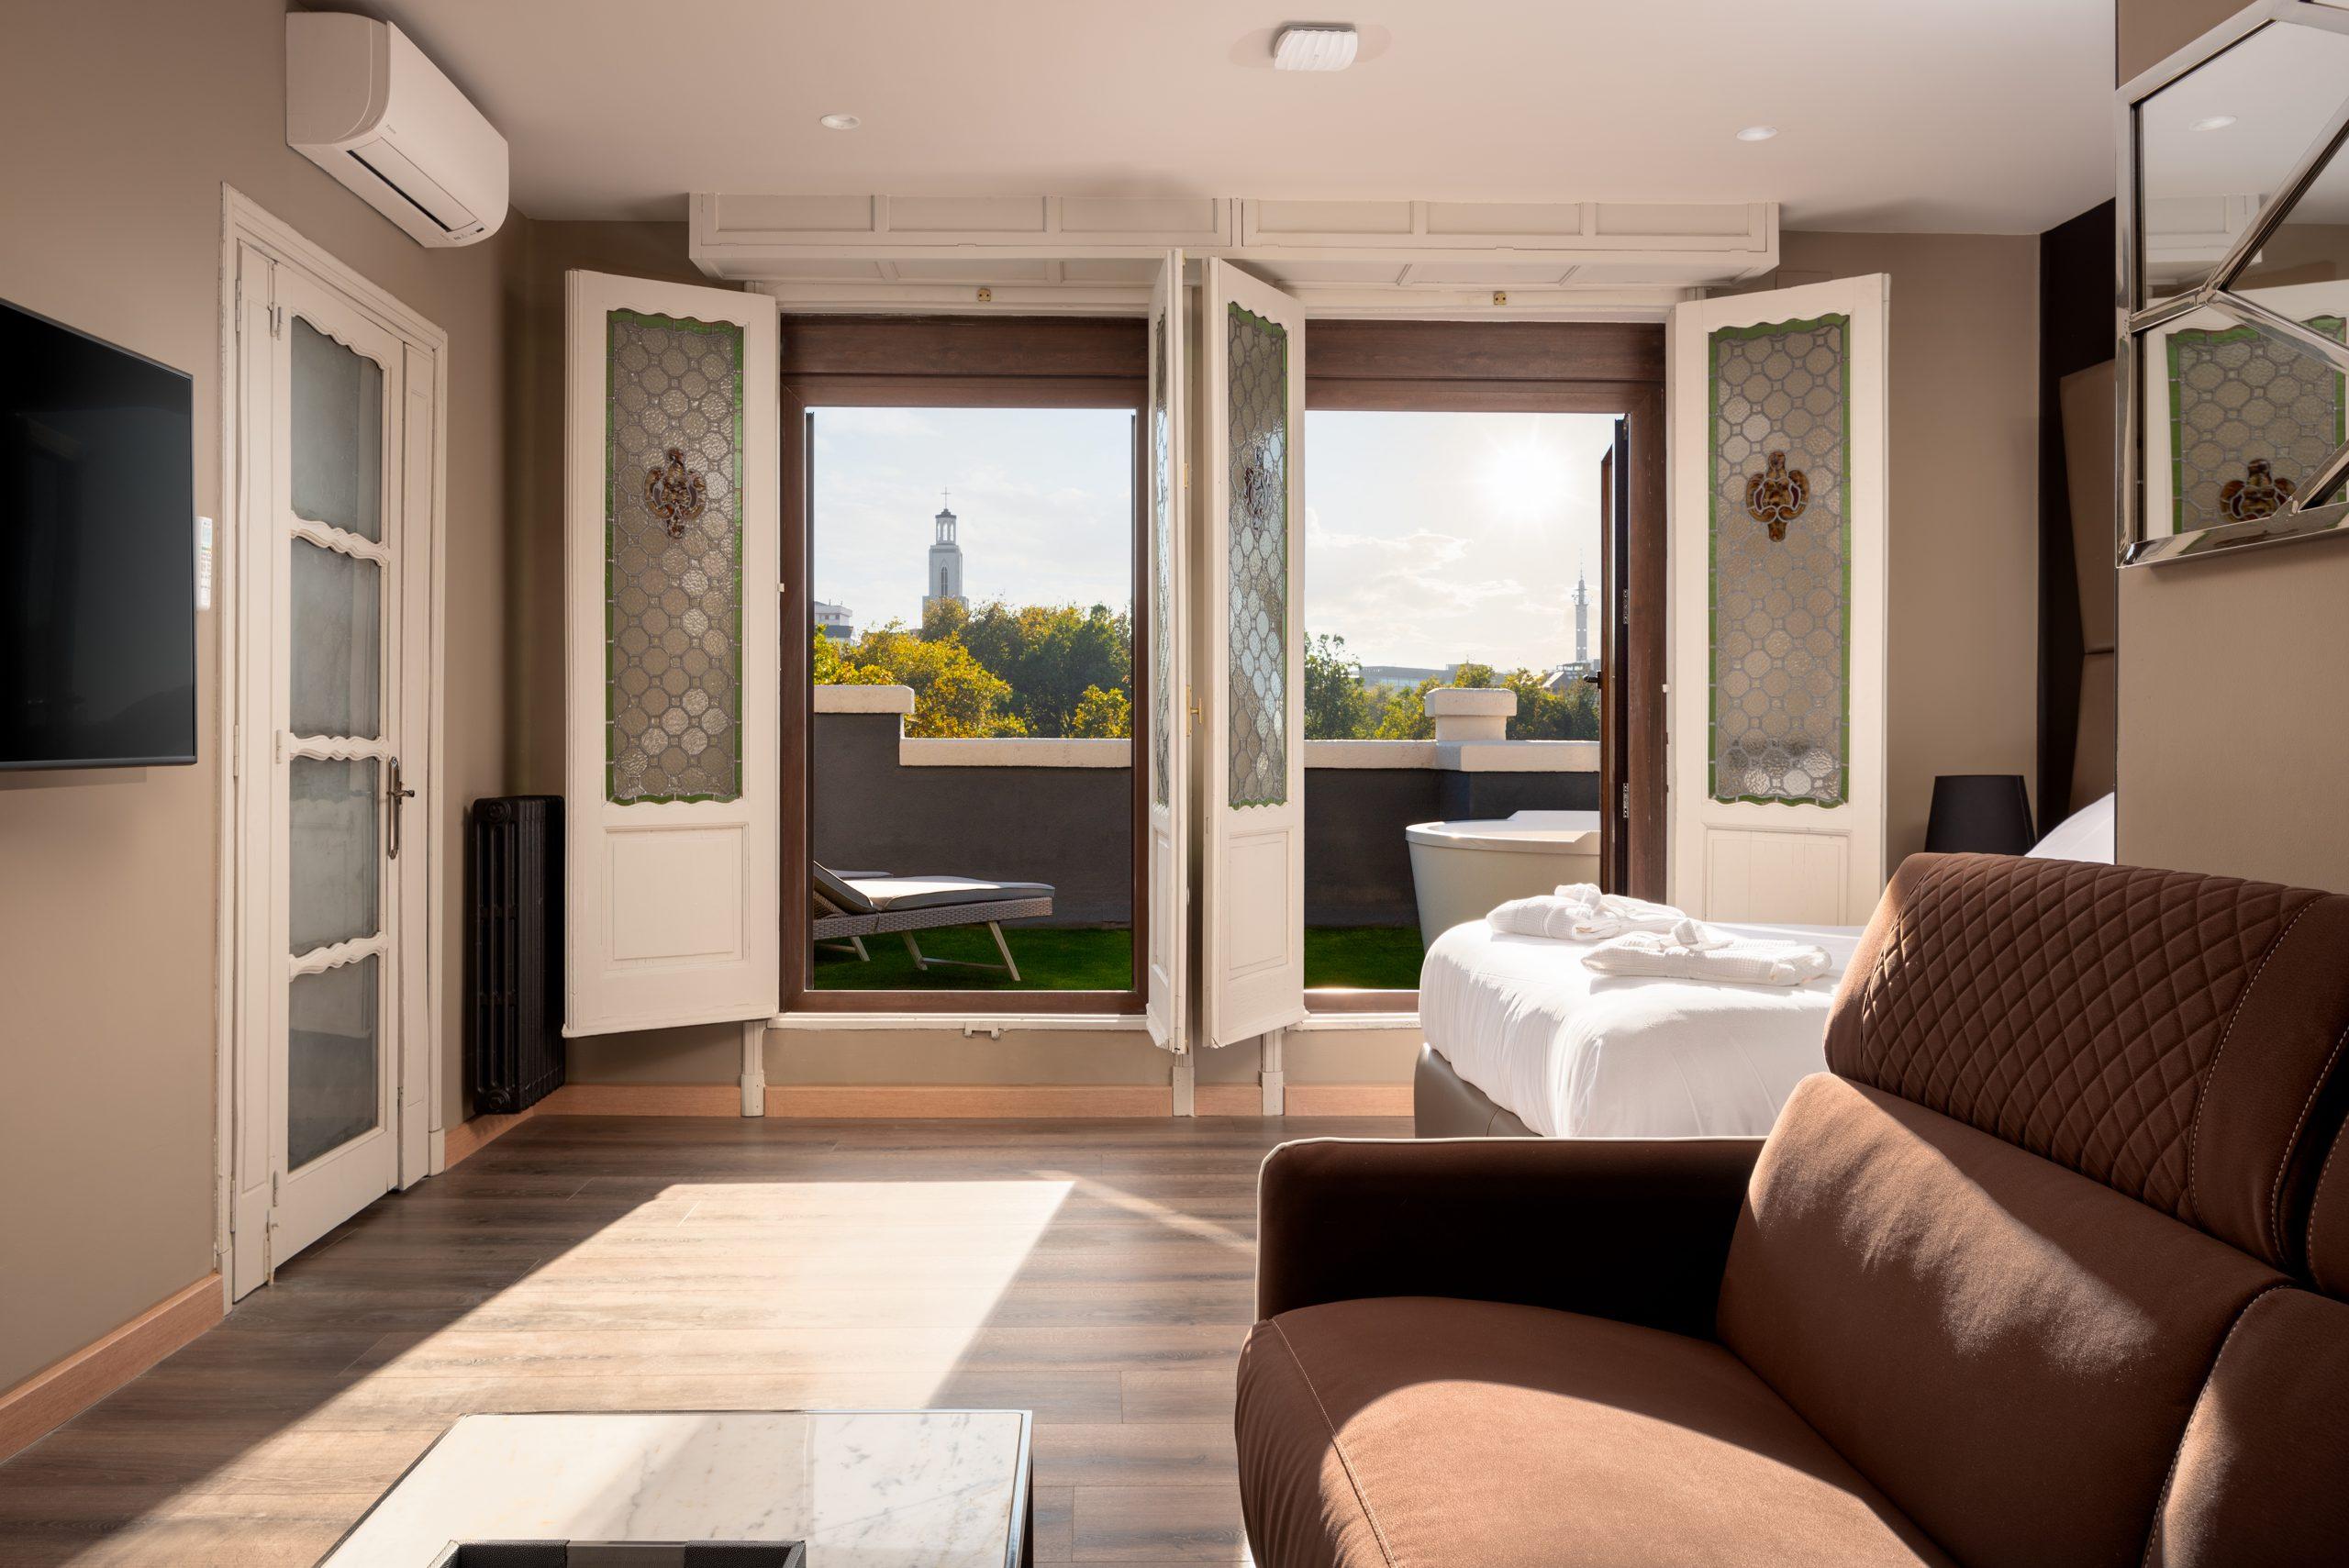 Apartamento-Suite-Atico-61-Oviedo-1907-05